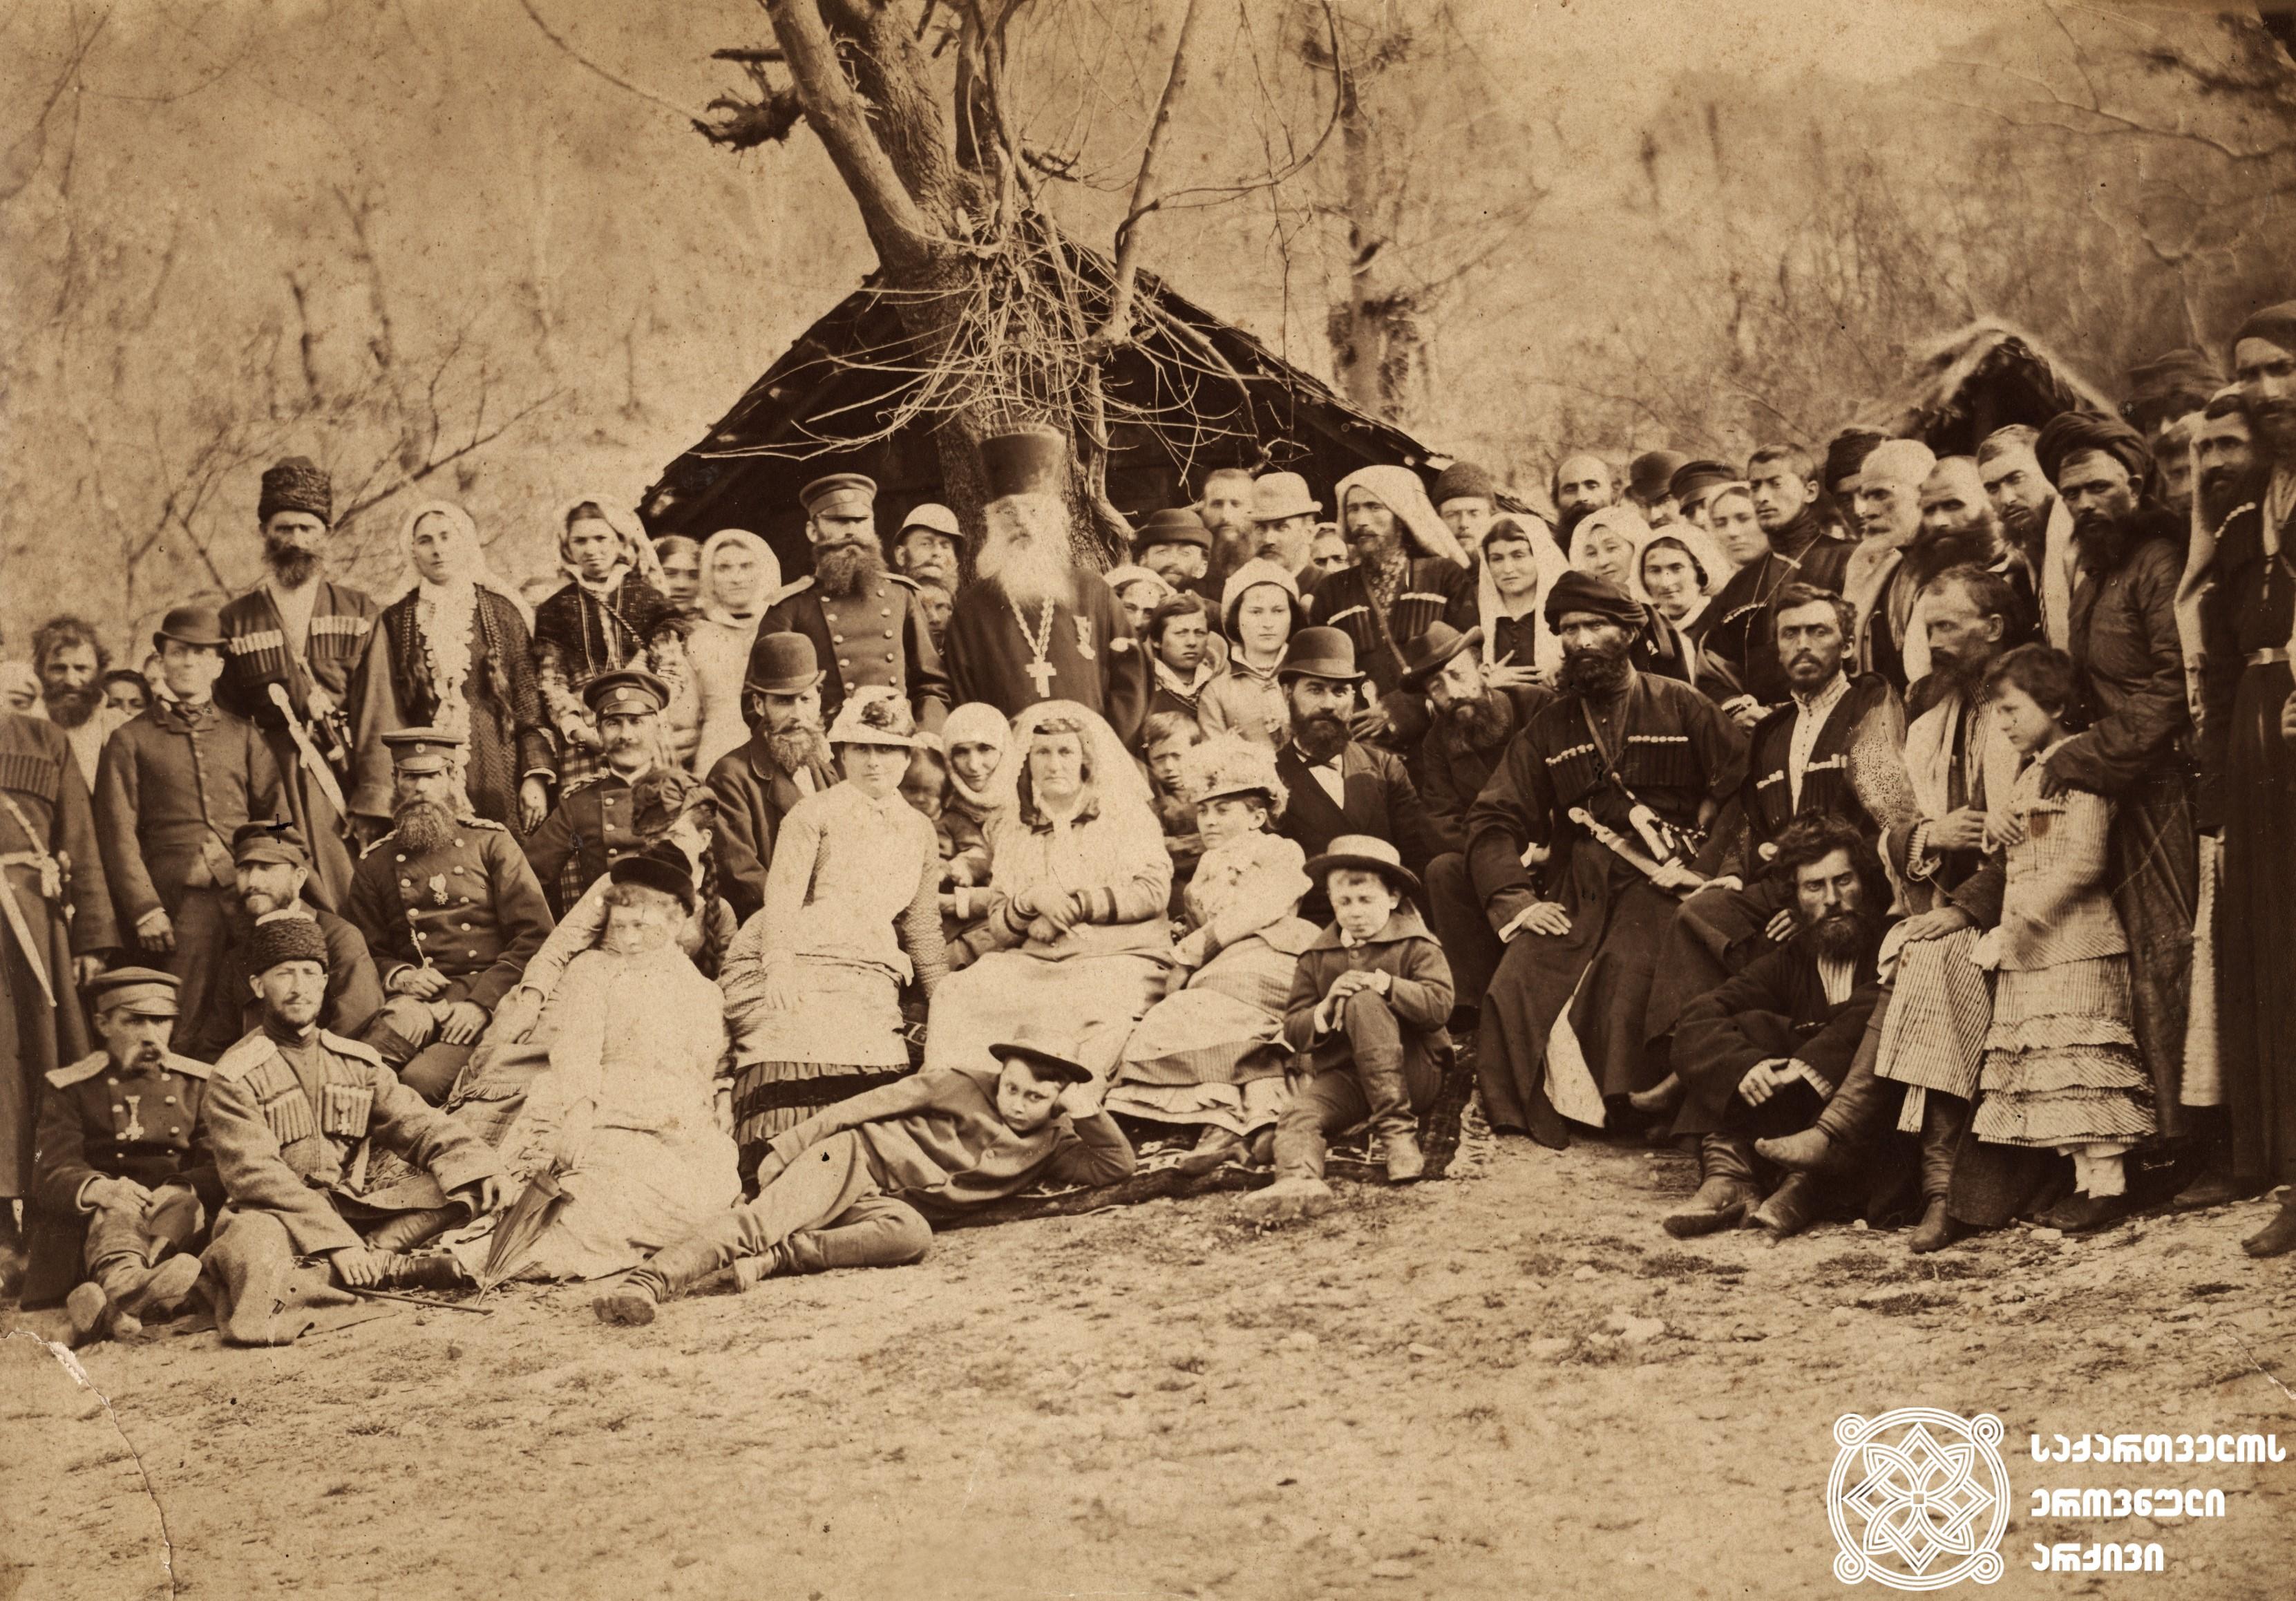 ზუგდიდი, 1880 წელი. ბერტა ფონ ზუტნერი დადიანებთან <br>  პირველ რიგში მარცხნიდან სხედან: ეკატერინე დადიანის სტუმარი, ბერტა ფონ ზუნტერი. მეორე რიგში პირველი -იოსებ მიქაბერიძე, მეოთხე –პრინცი აშილ მიურატი, მეხუთე –მისი მეუღლე სალომე დადიანი, მეექვსე –მინადორა, იოსებ მიქარებიძის მეუღლე. ქვემოთ პრინც მიურატის ვაჟები სხედან.  Zugdidi, 1880 –Bertha with Dadiani Family <br>  In the first row from the left –the guest of Ekaterine Dadiani, Bertha von Suttner. In the second row the first is the head of the UyezdIosebMikaberidze, the fourth –Prince AchilleMurat, the fifth –his wife Salome Dadiani, the sixth-Minadora, wife of IosebMikaberidze, below –sons of Prince Murat.